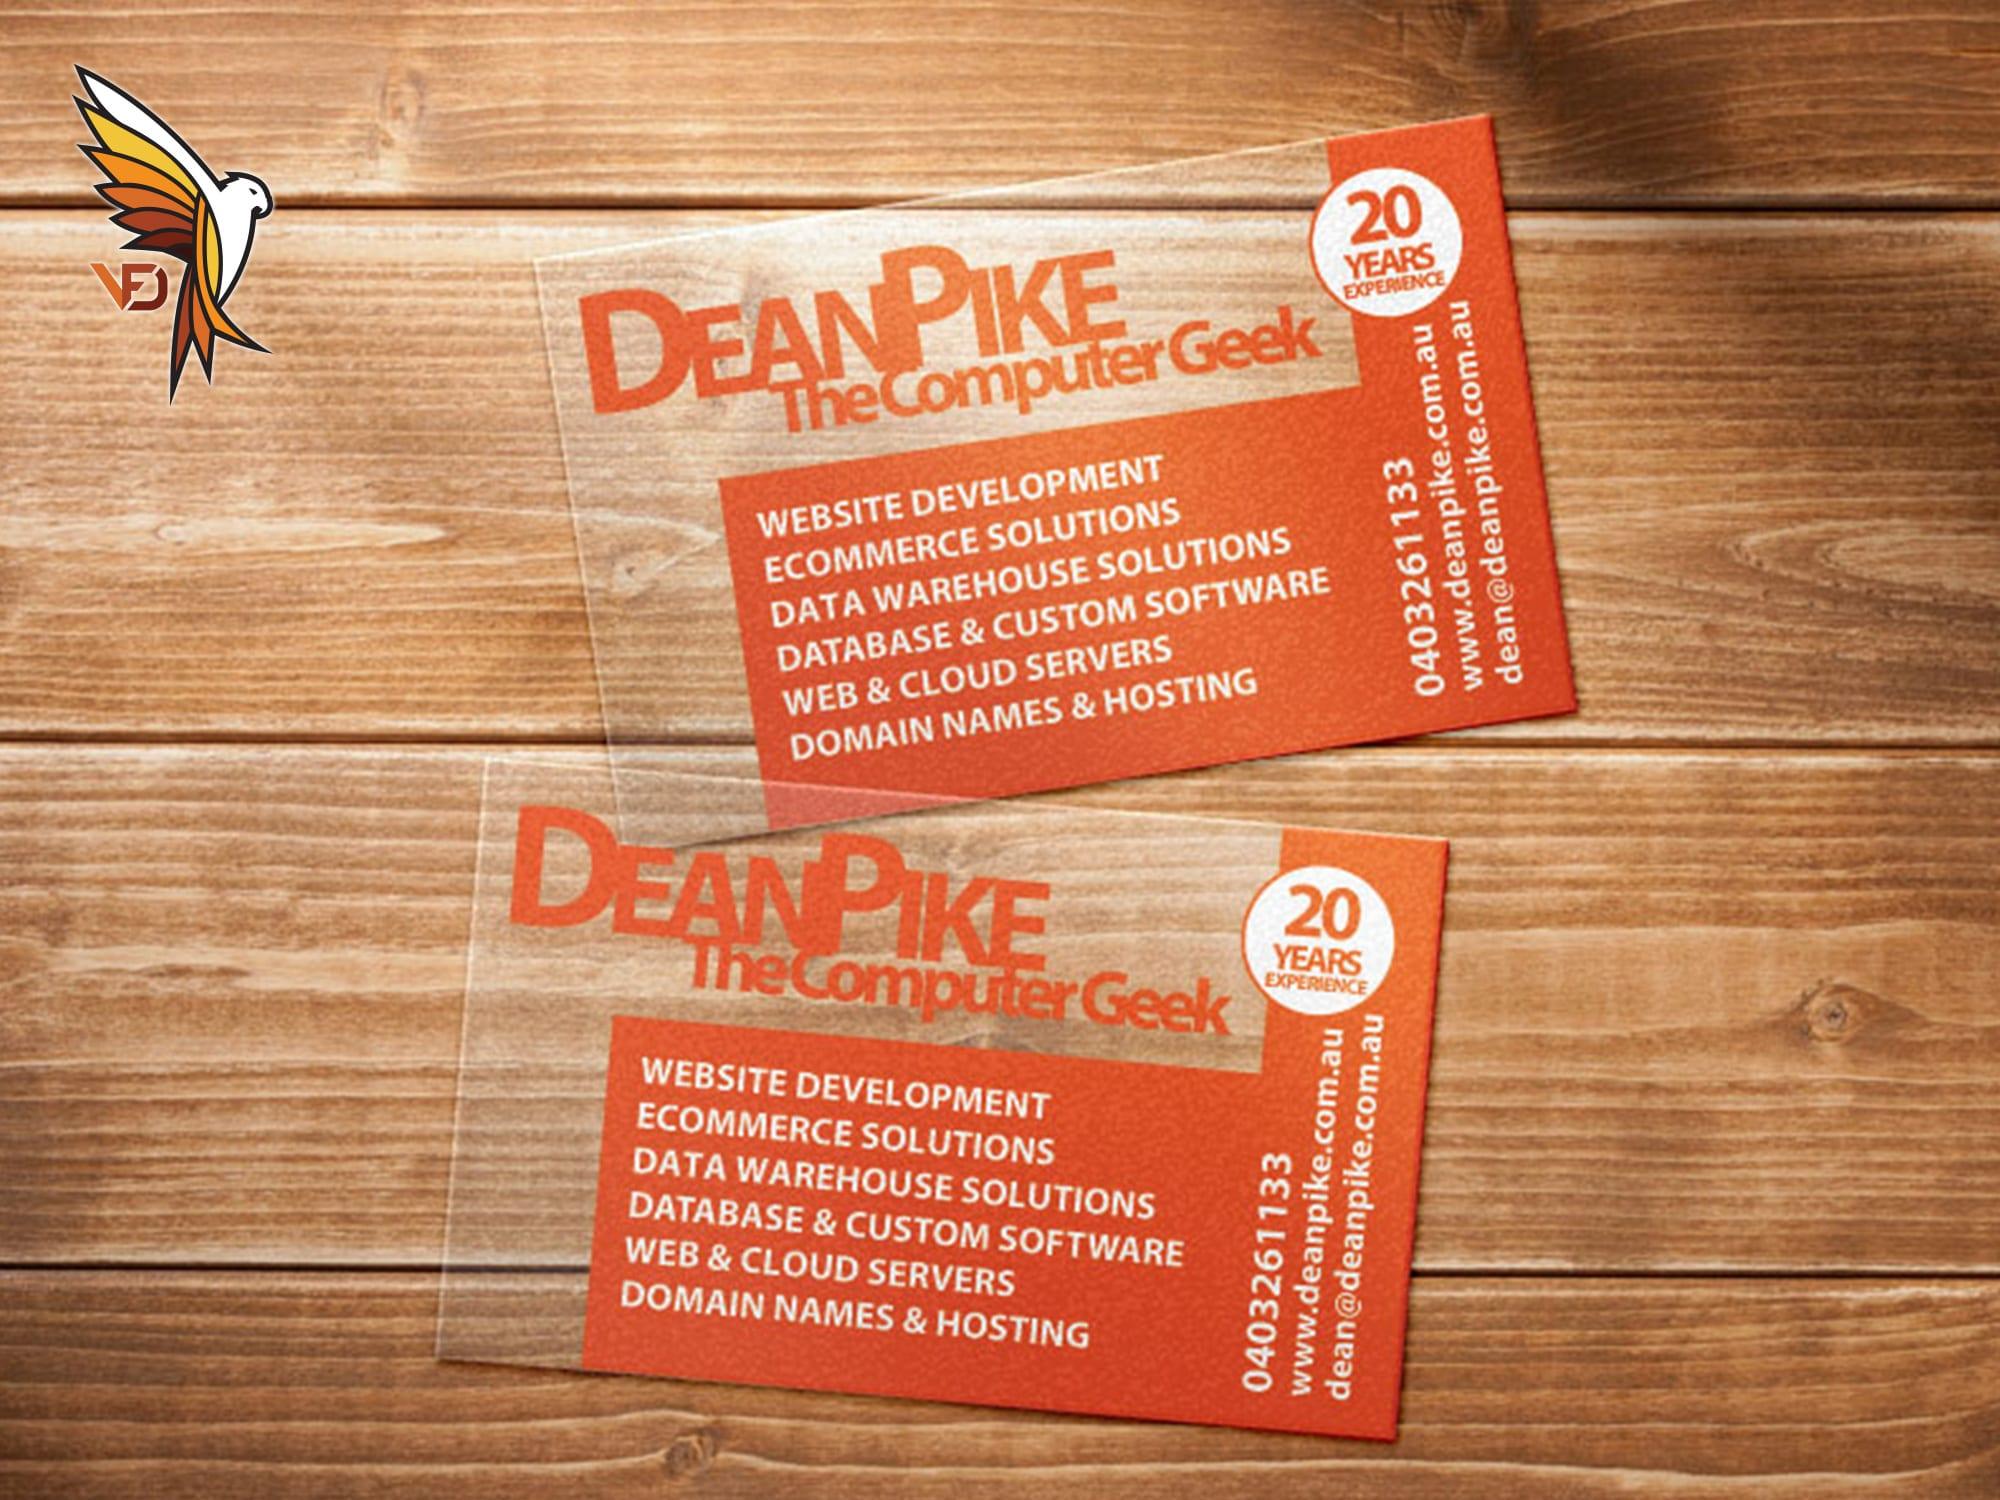 Dean Pike Computer Geek - Business Card